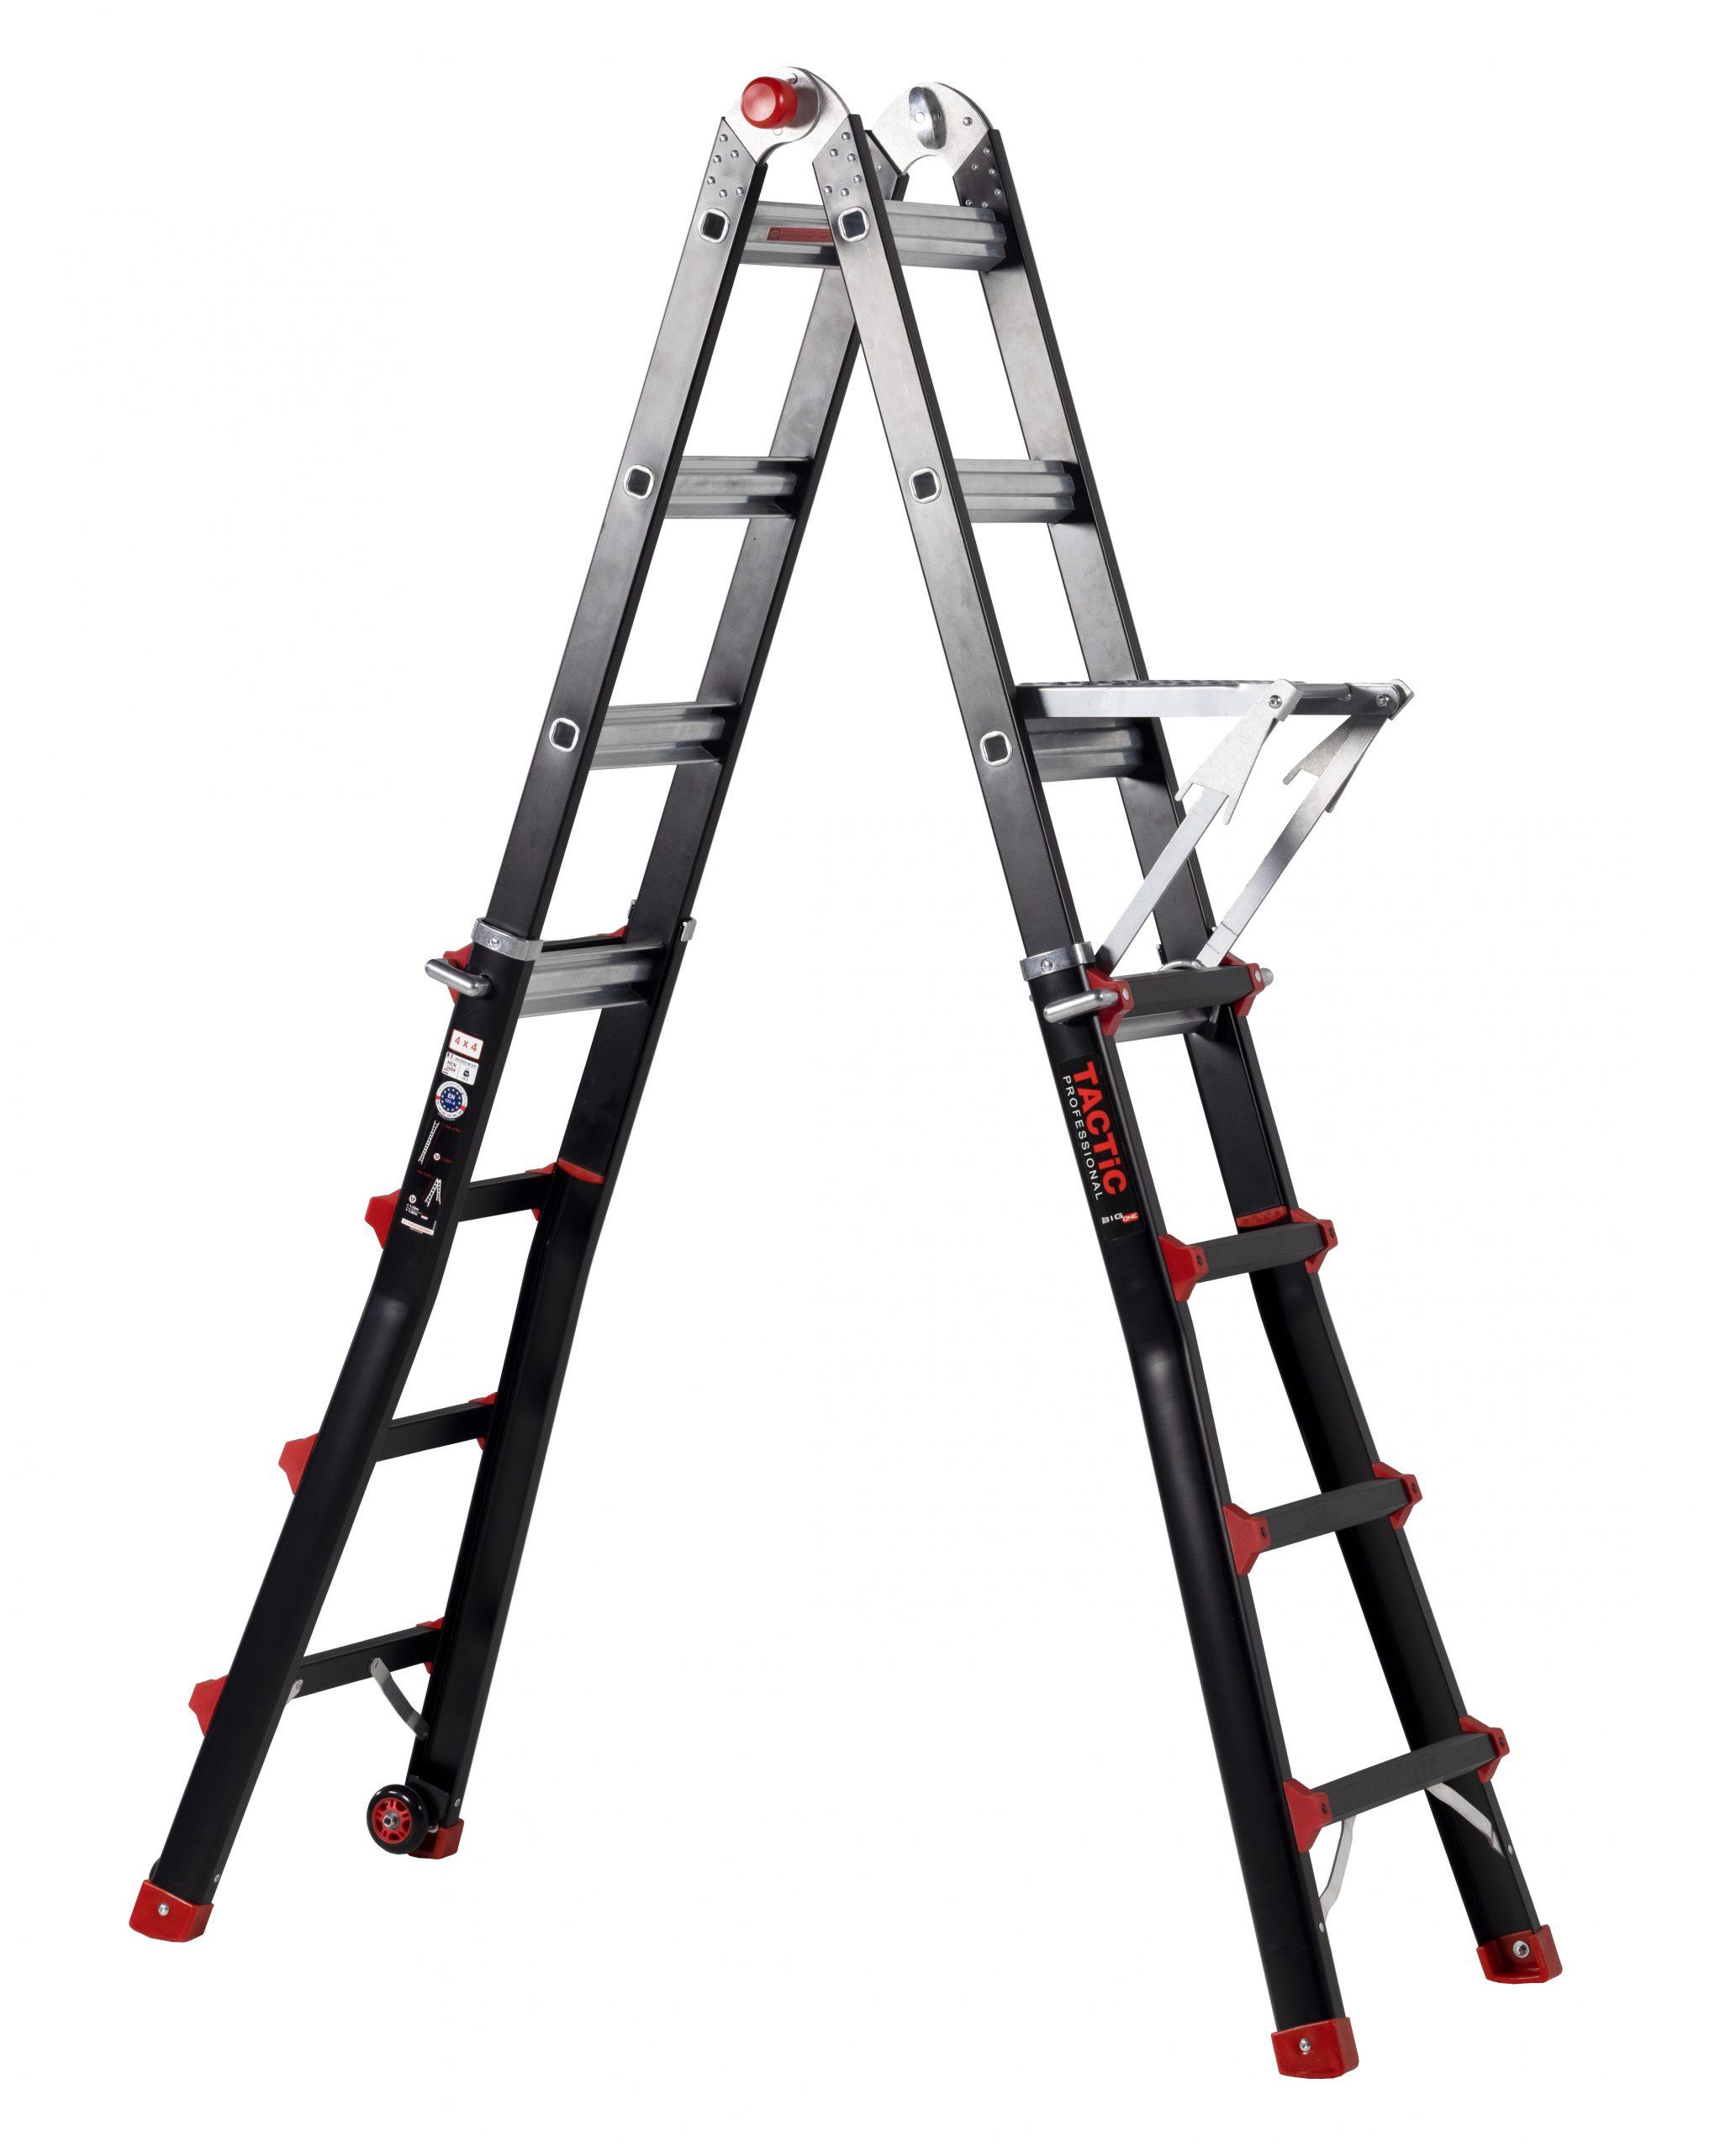 4x4 uitgeschoven met ladderbank